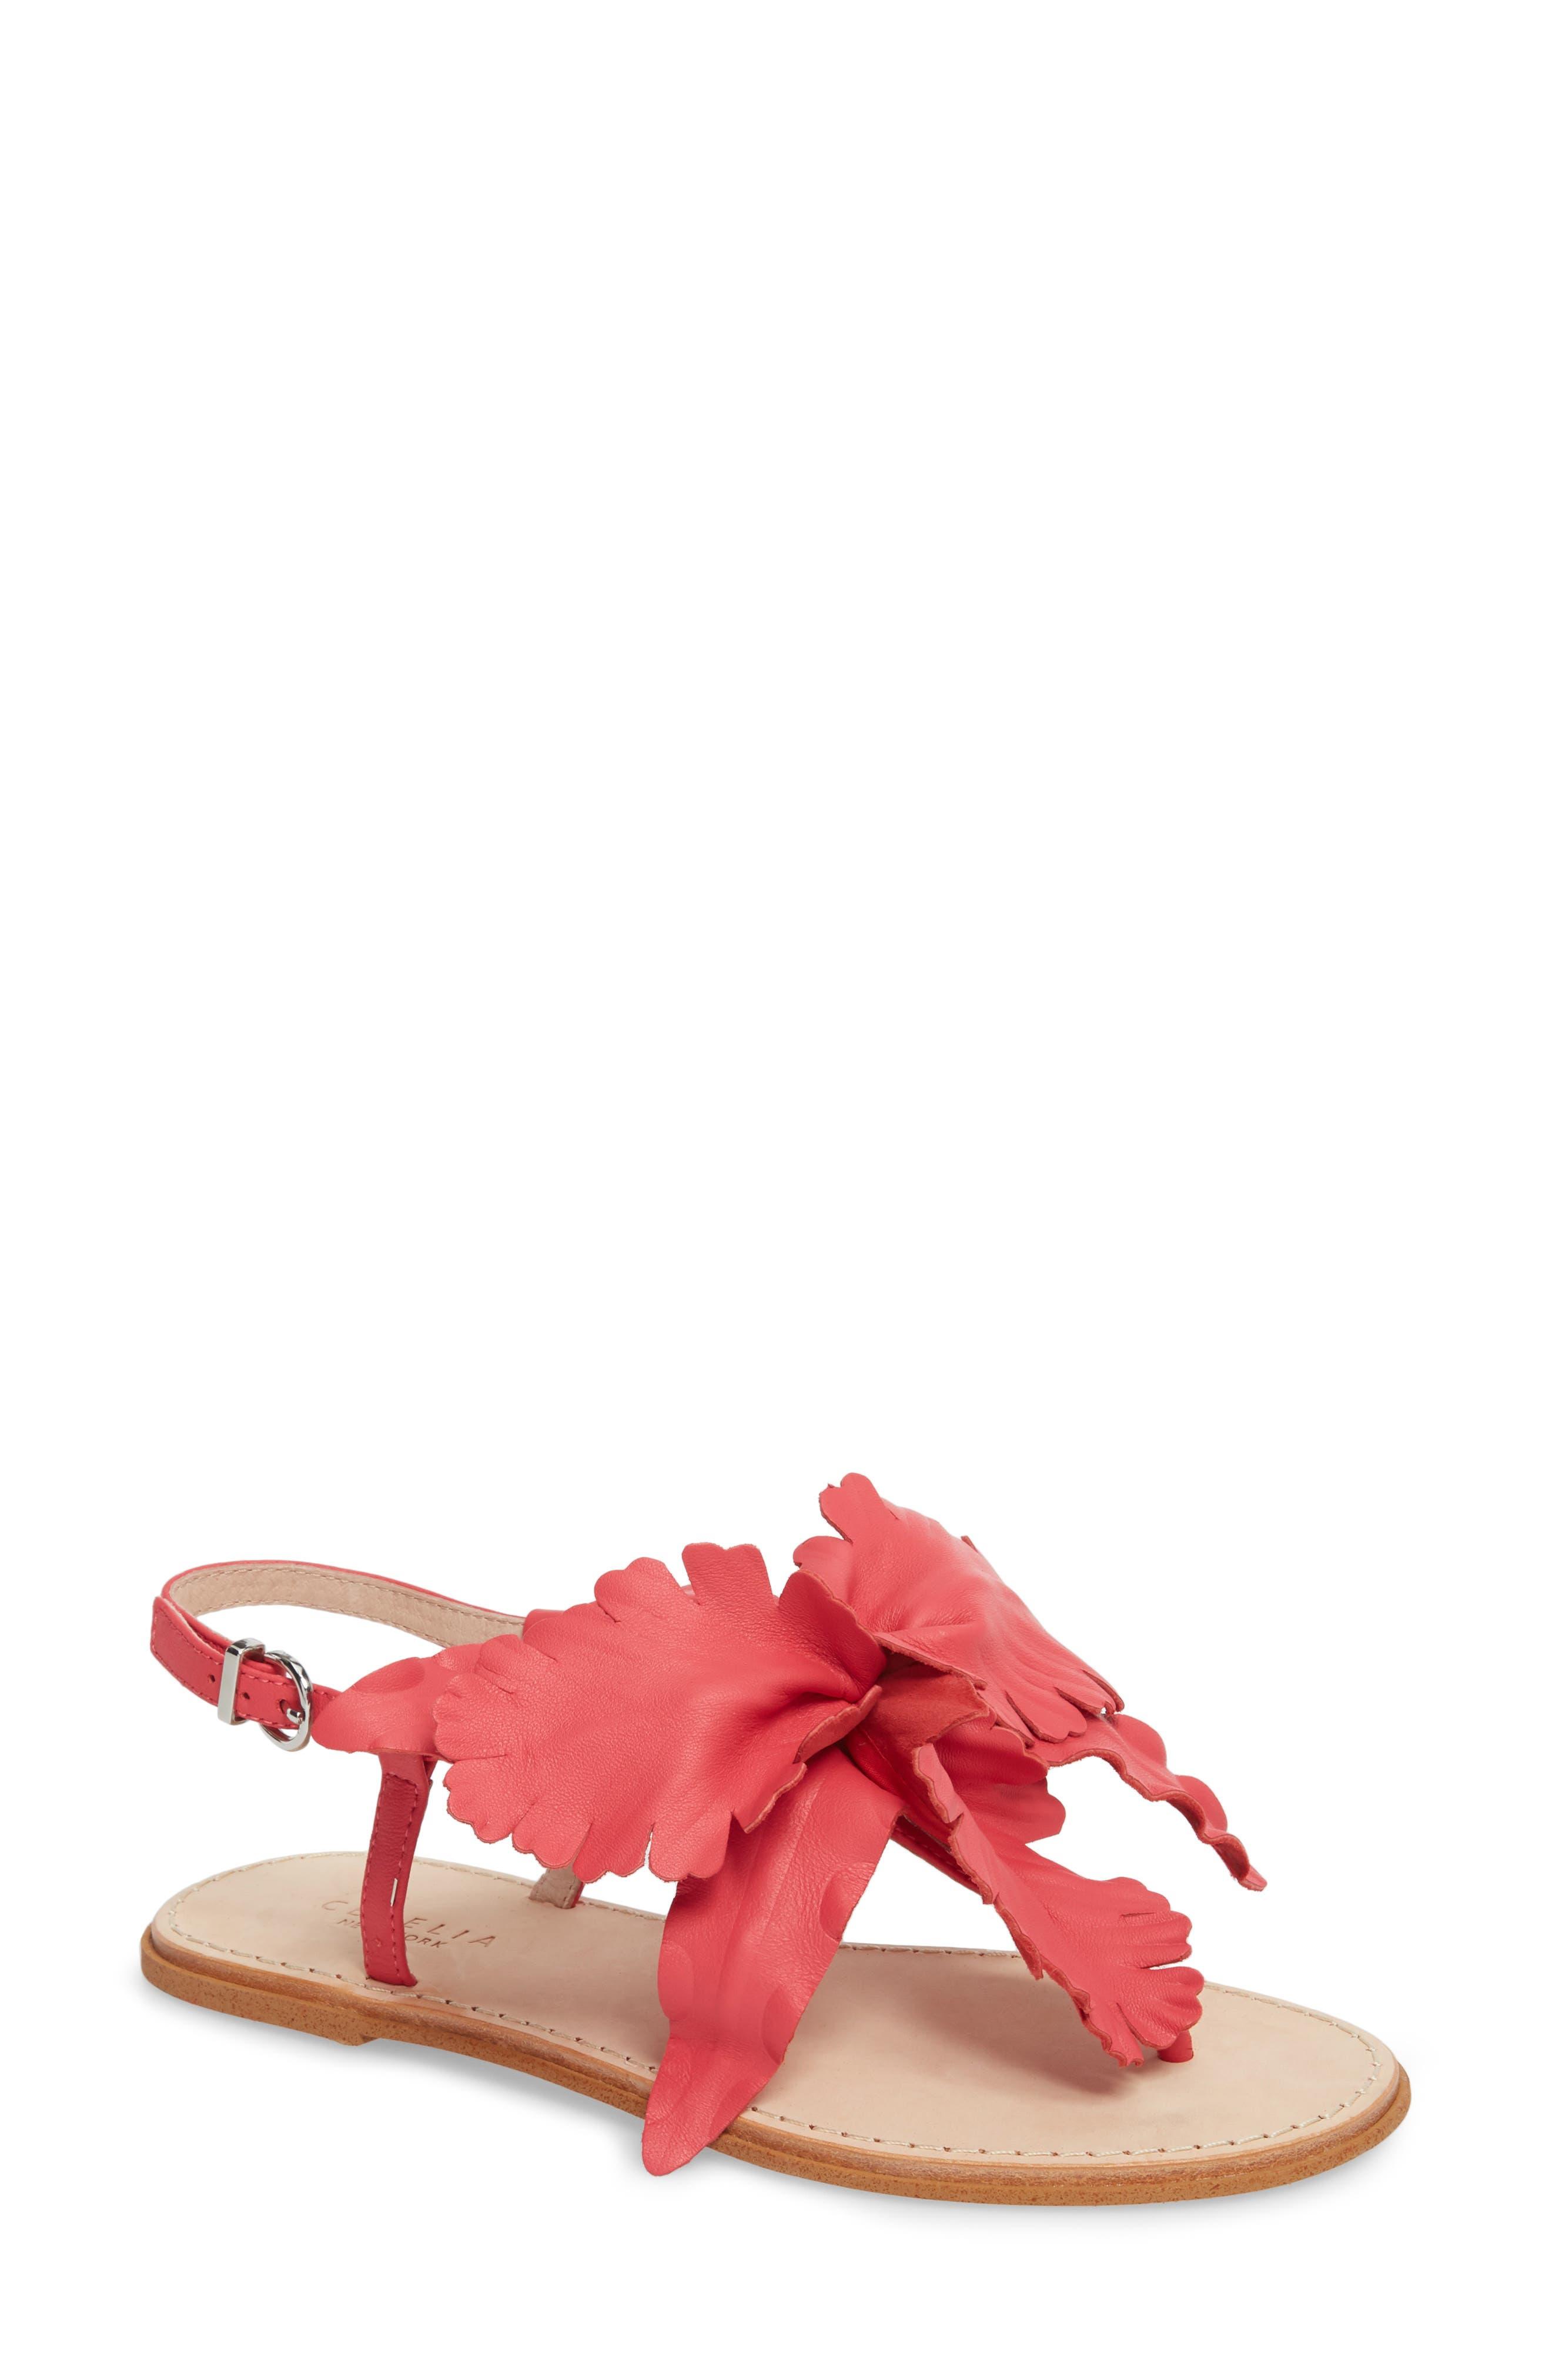 Peony Sandal,                         Main,                         color, Fuchsia Leather